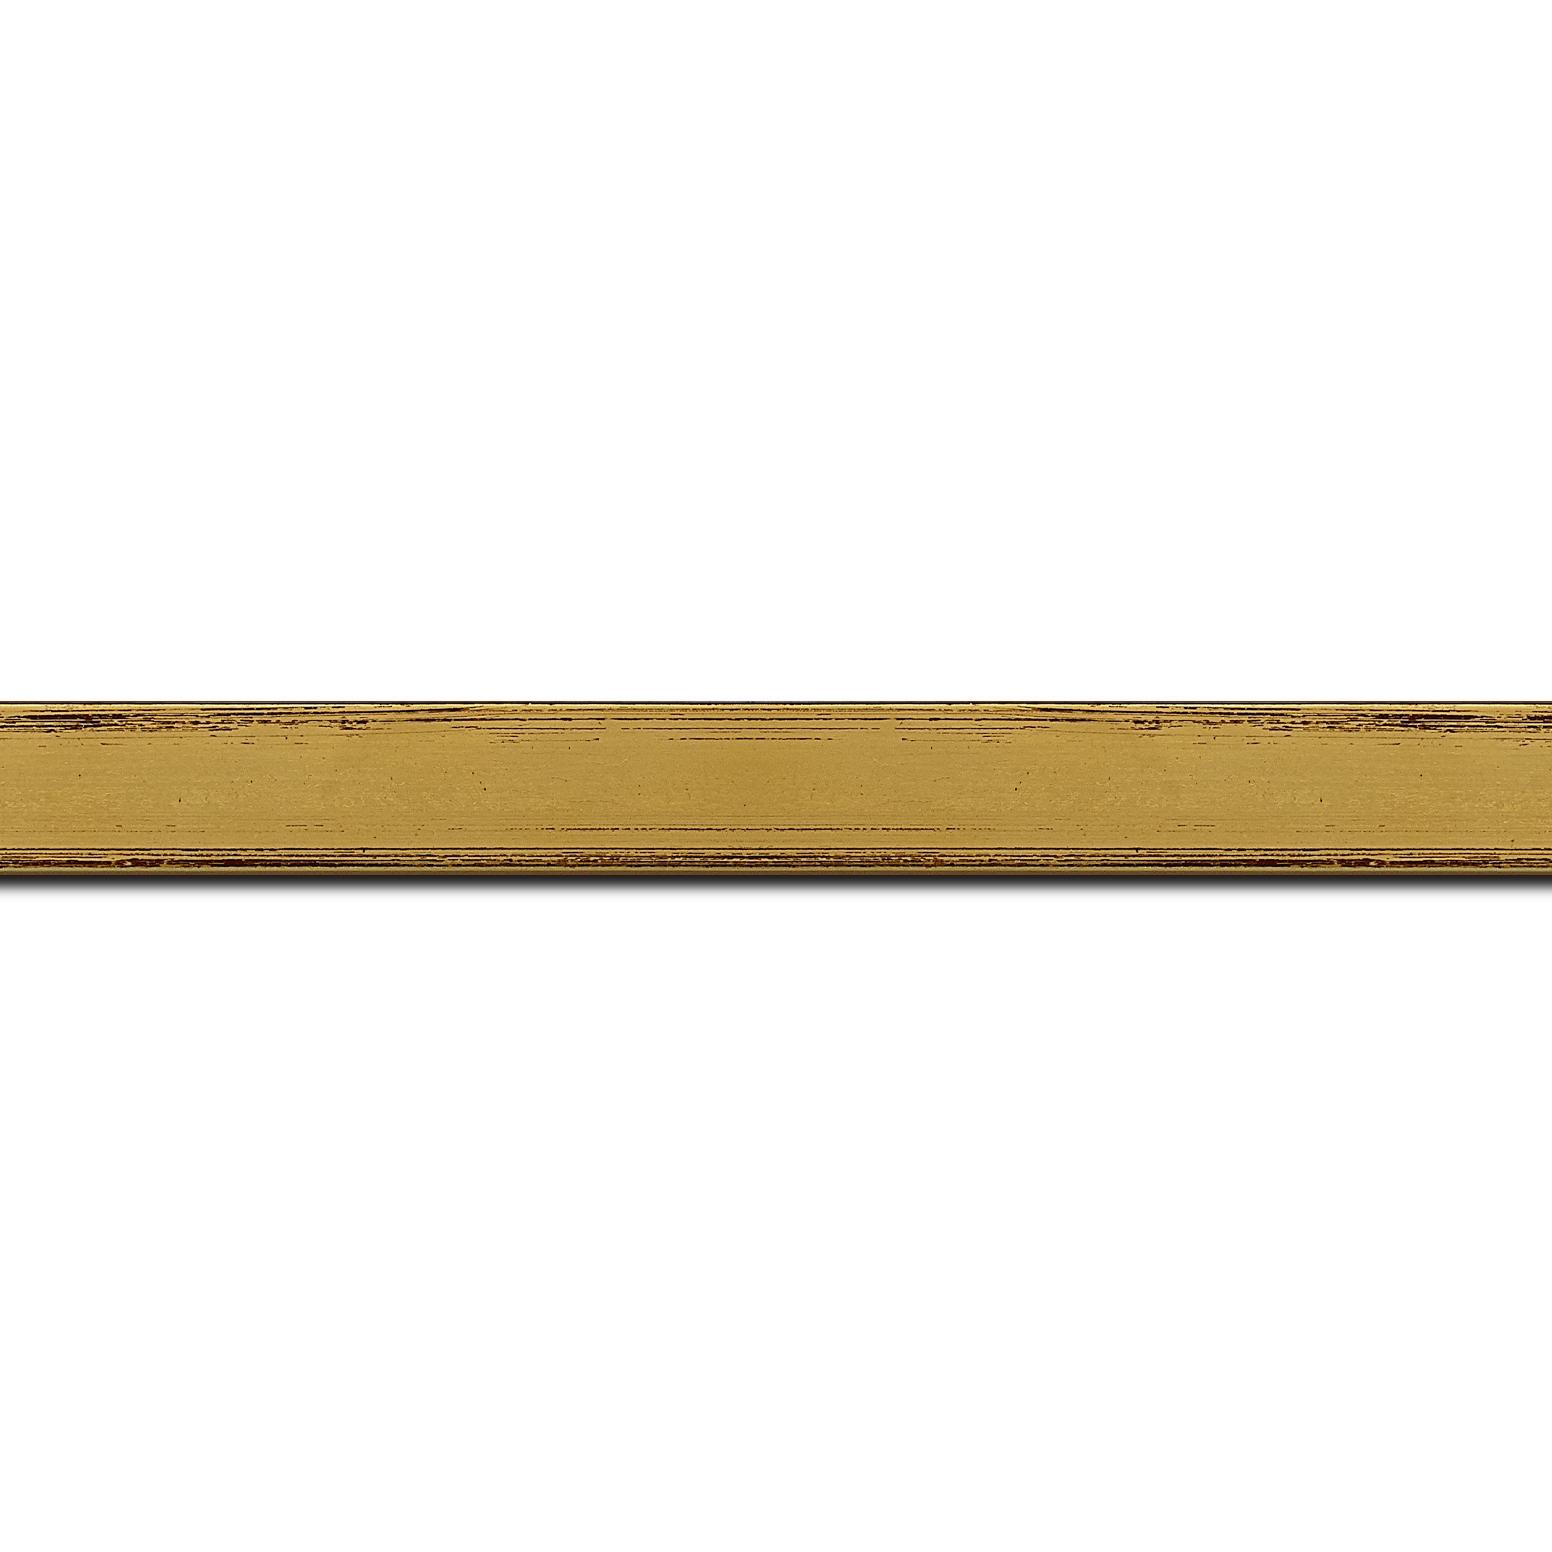 Baguette longueur 1.40m bois profil plat largeur 2.1cm hauteur 3.8cm couleur or coté extérieur foncé. finition haut de gamme car dorure à l'eau fait main